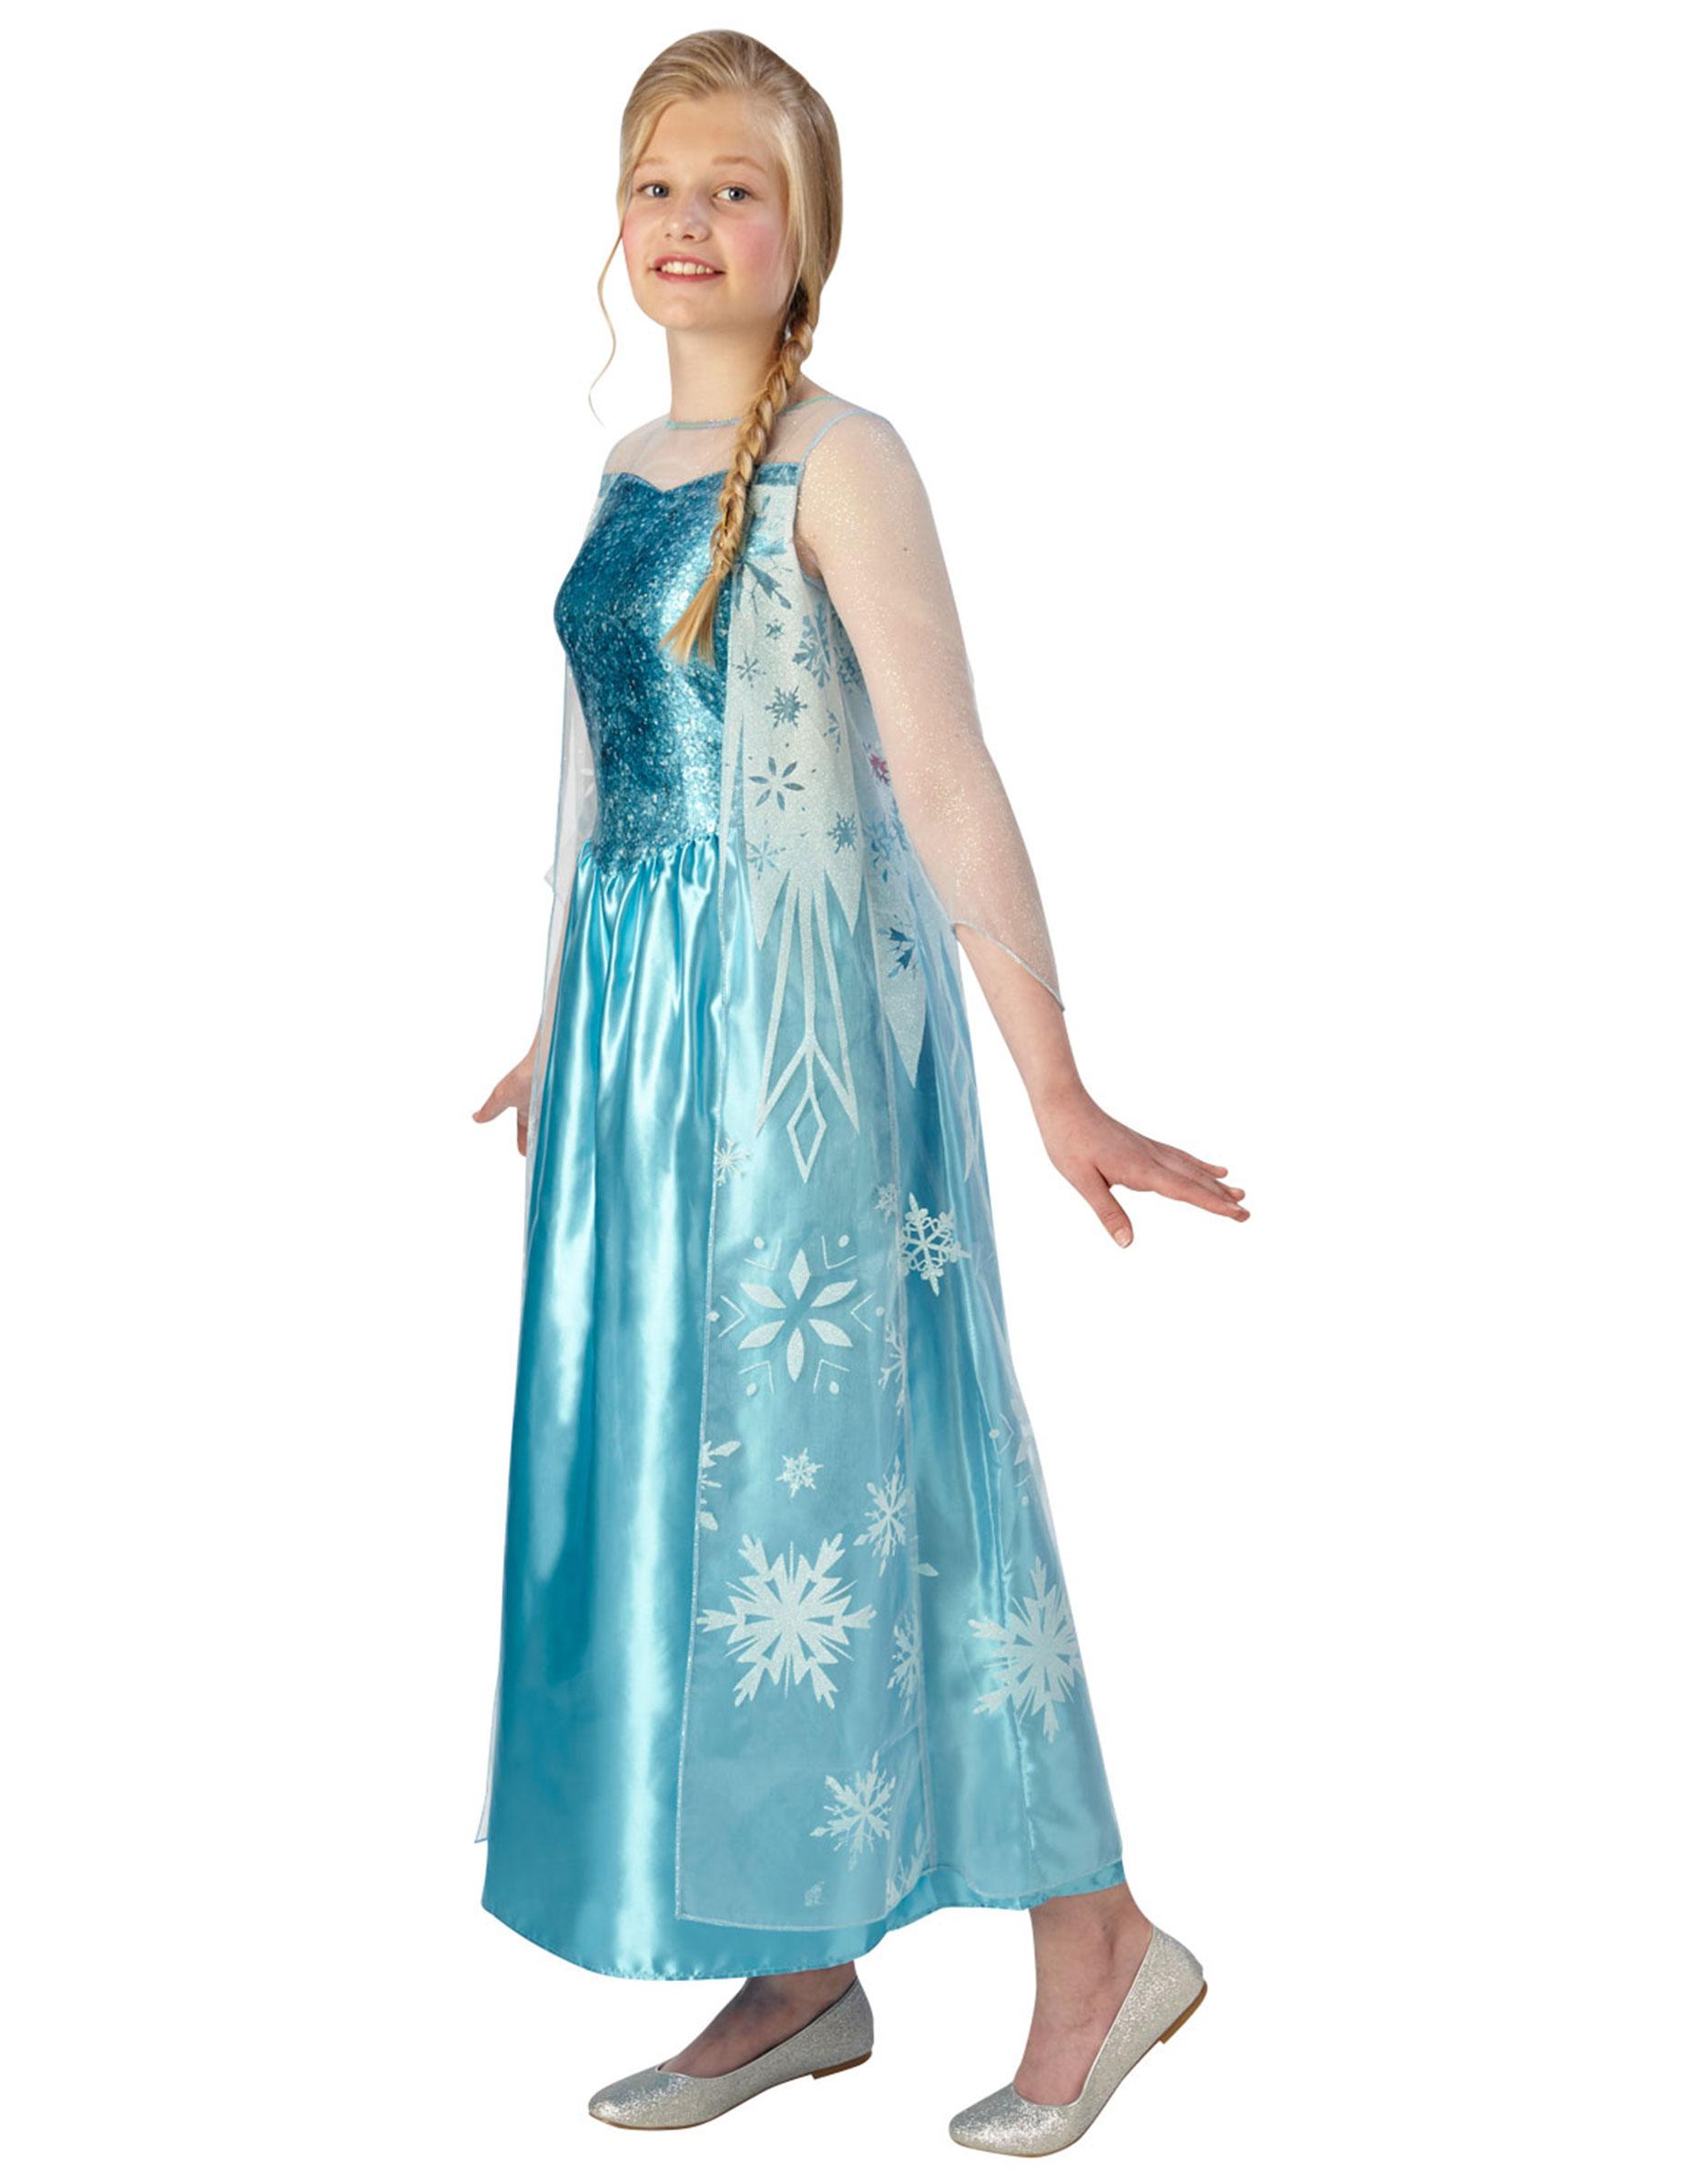 Costume Elsa Frozen per adolescente Costumi bambinie